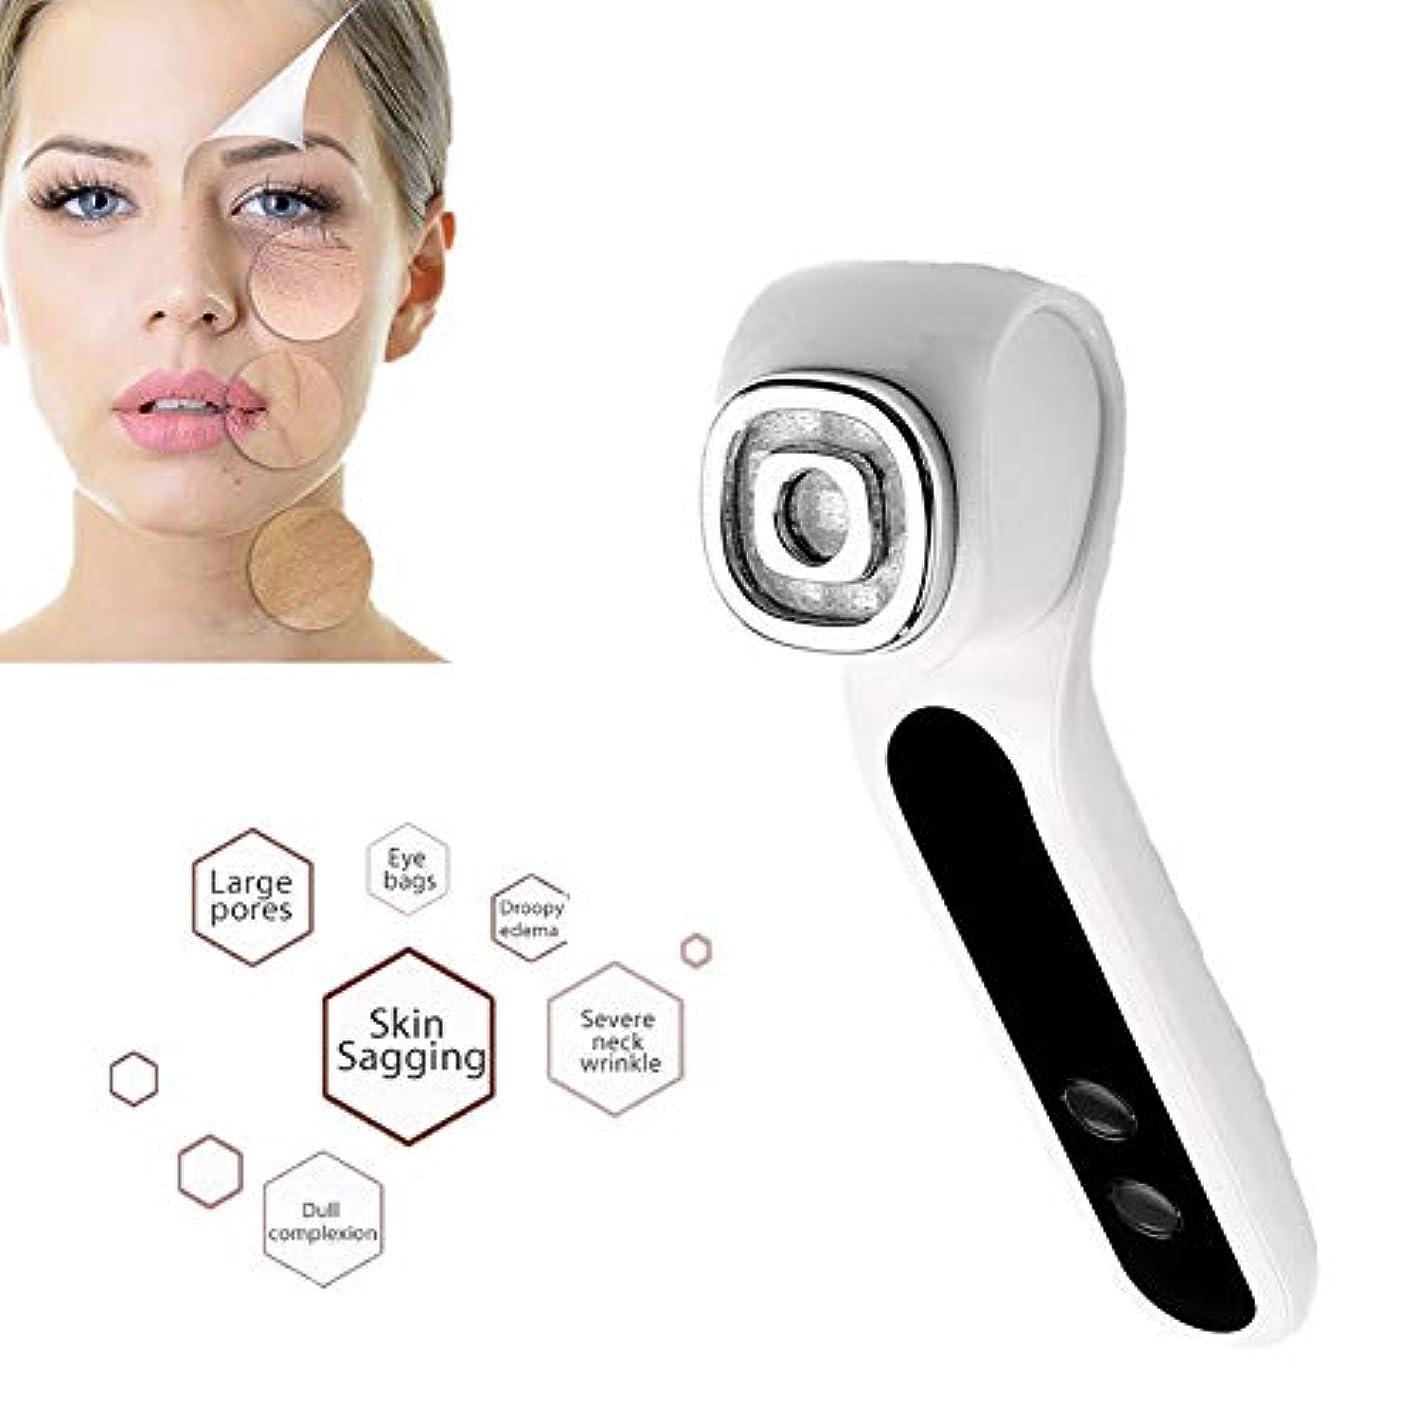 攻撃的霧深い多年生美容化粧品LED光子療法RF + EMSリフティングイオンクレンジング振動肌の整形マッサージ用家庭用